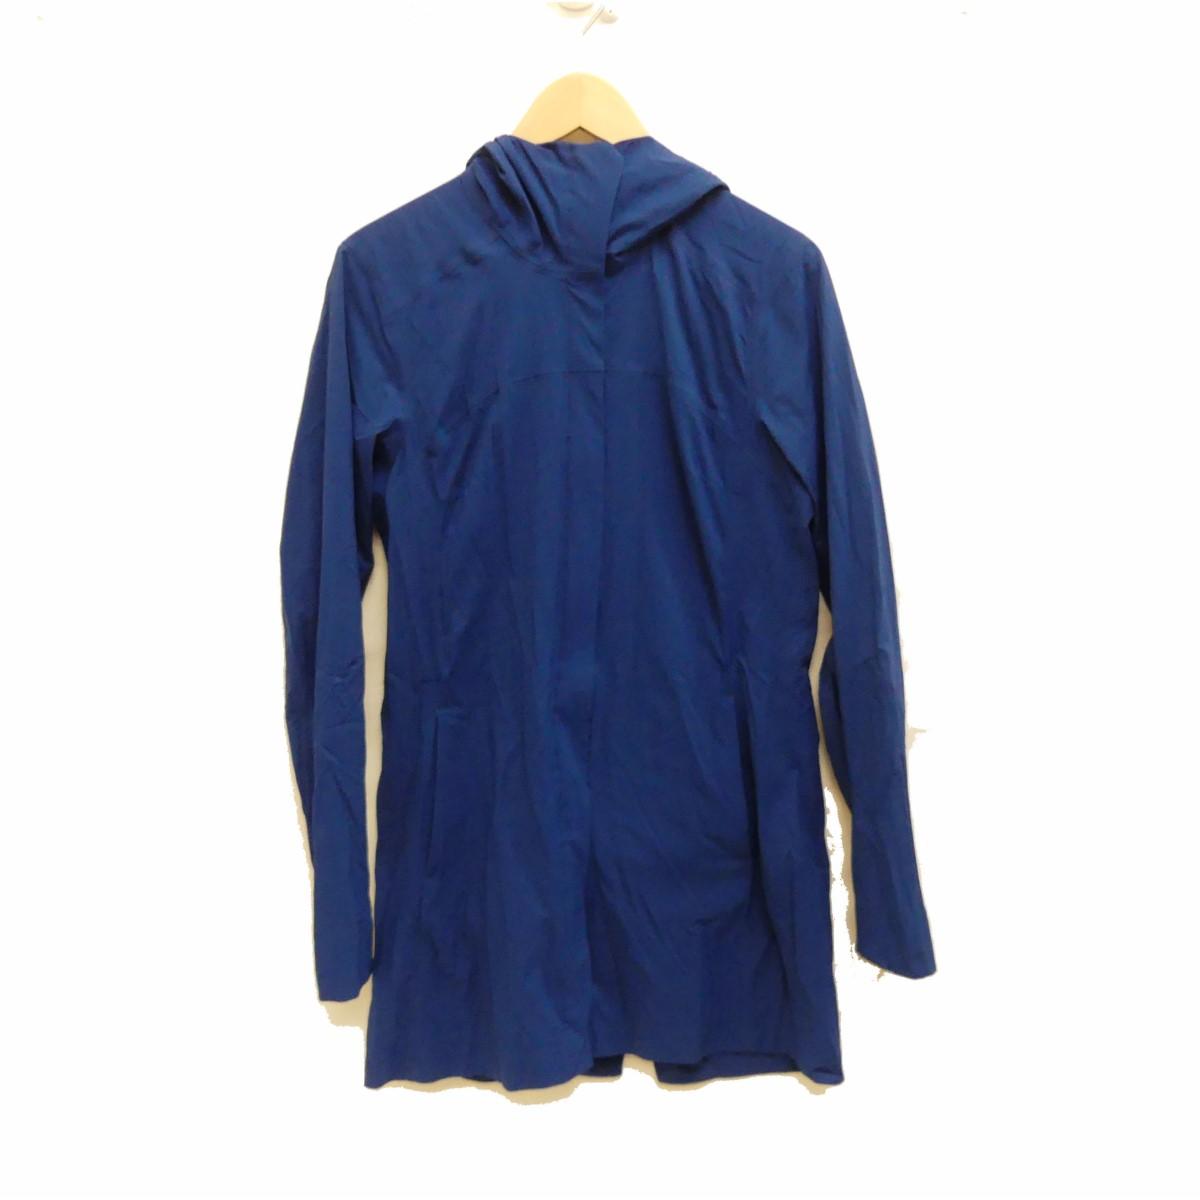 【中古】ARCTERYXウインドブレーカージャケット ブルー サイズ:0 【5月14日見直し】